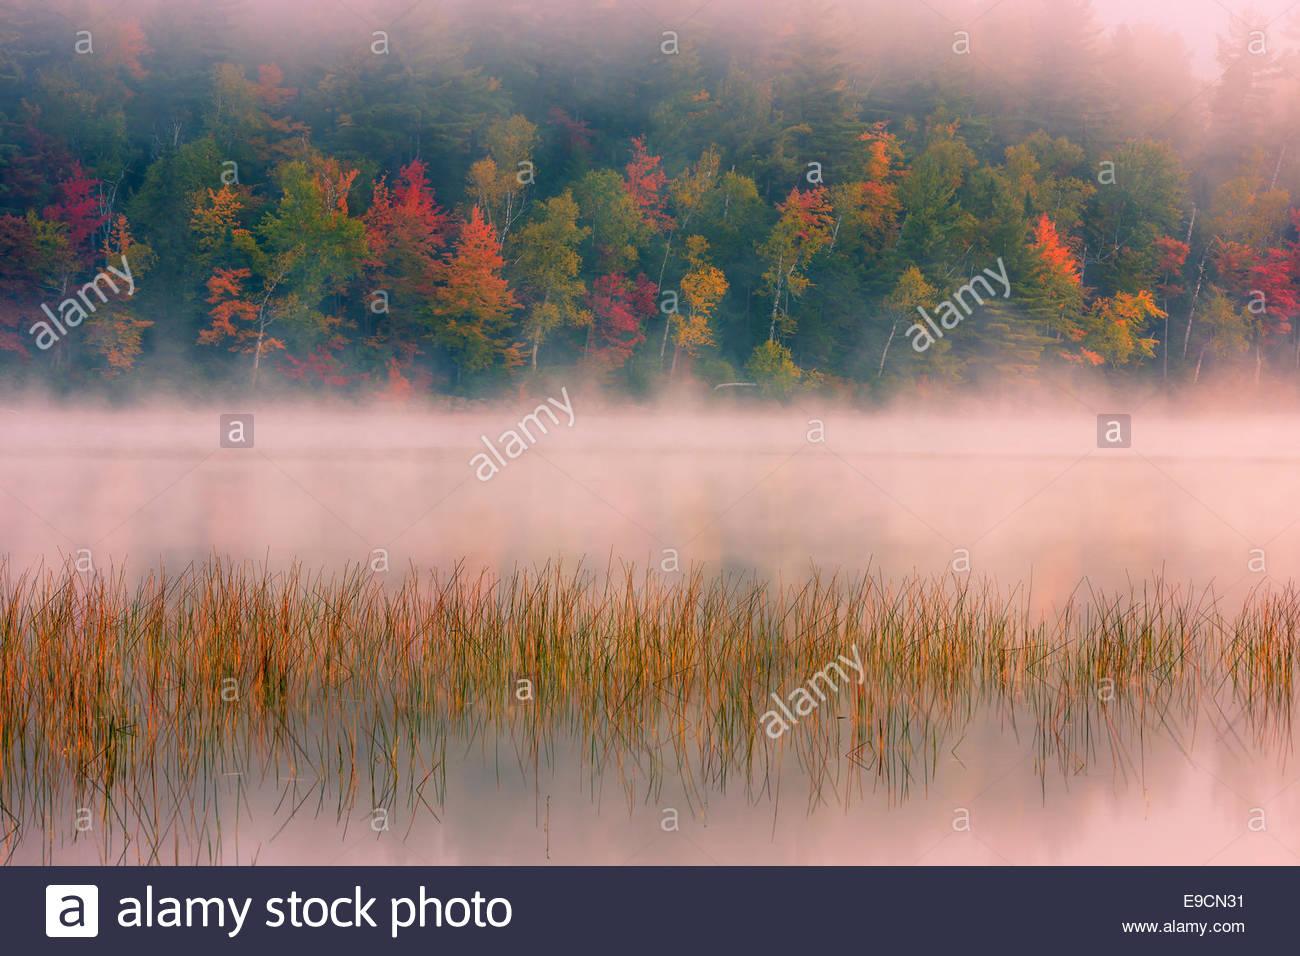 Connery Pond in Adirondacks State Park, vicino a Lake Placid nella parte settentrionale dello Stato di New York, Immagini Stock